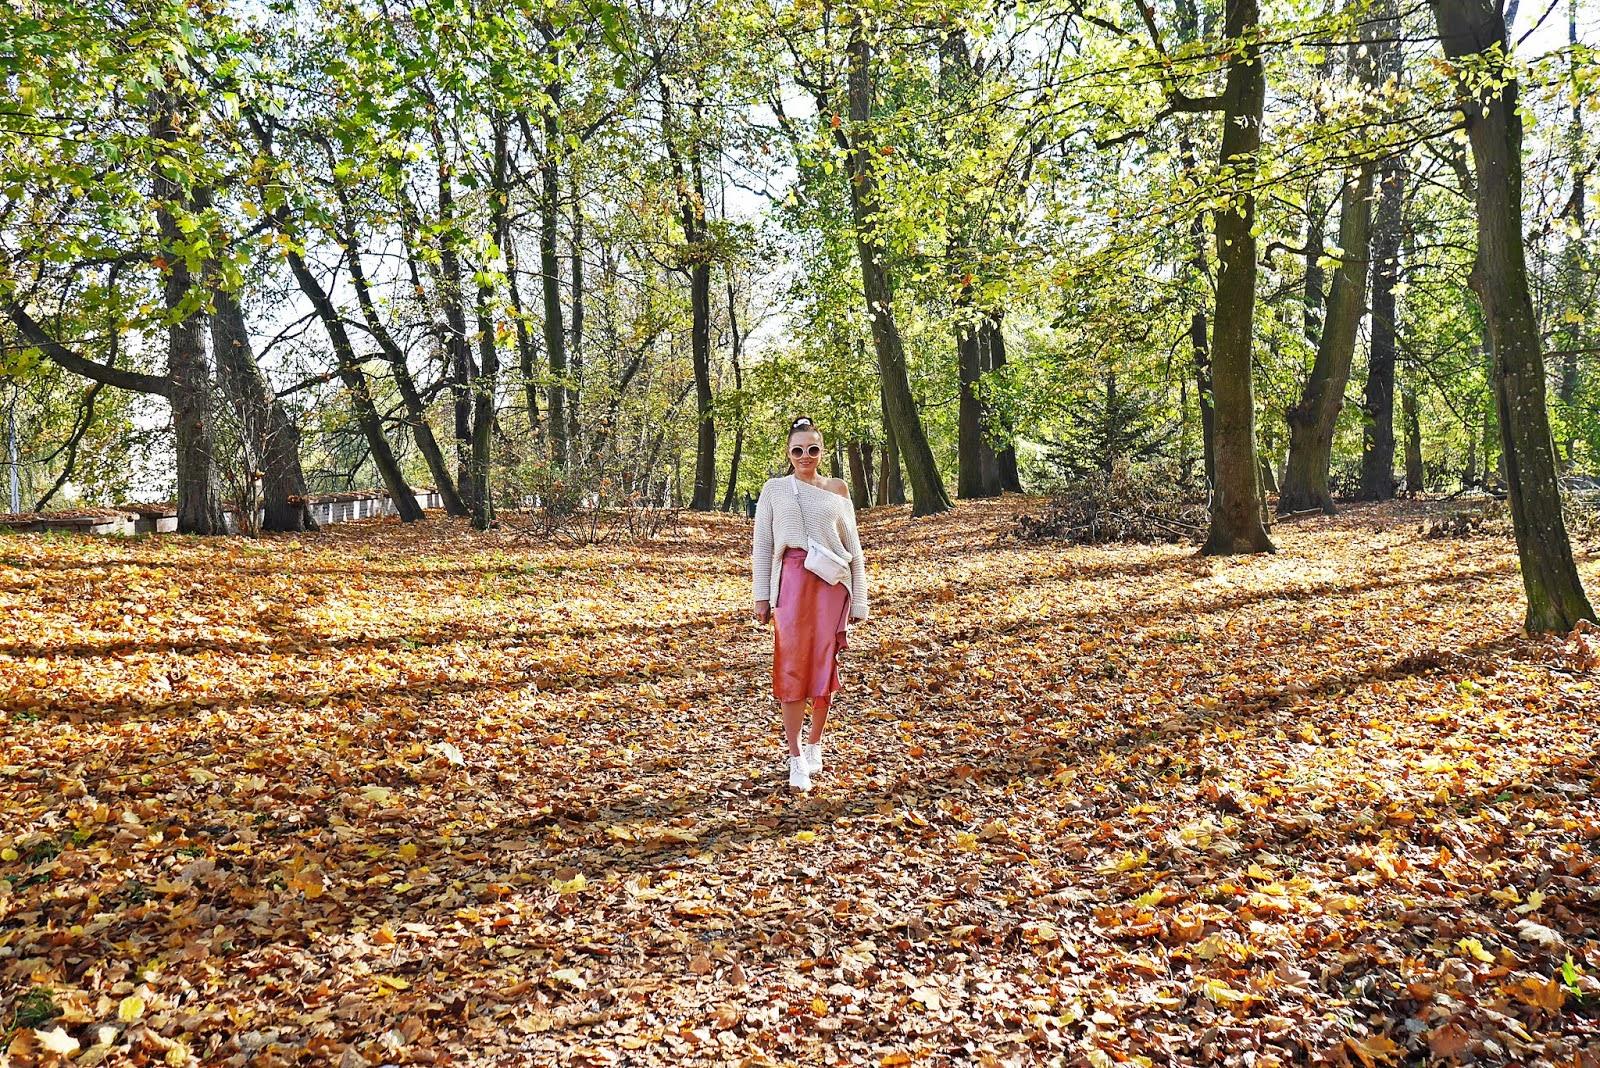 satynowa różowa spódnica bonprix kremowy sweter biała nerka buty platformy stylizacja jesienna blog modowy blogerka modowa puławy karyn